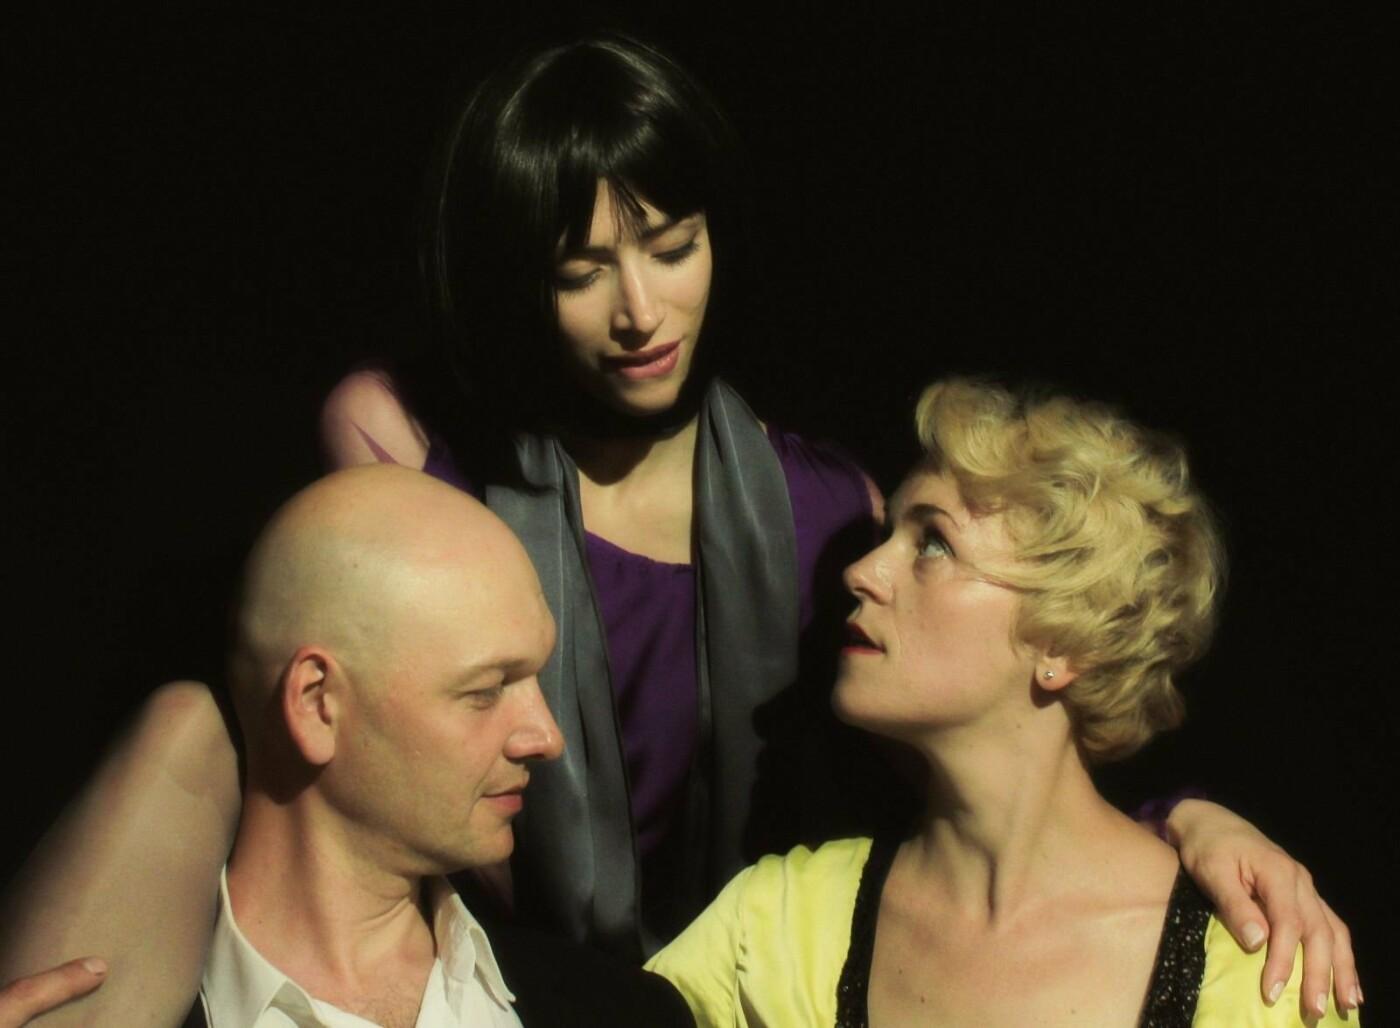 Театры Харькова: какие спектакли посмотреть на этих выходных, - ФОТО, фото-2